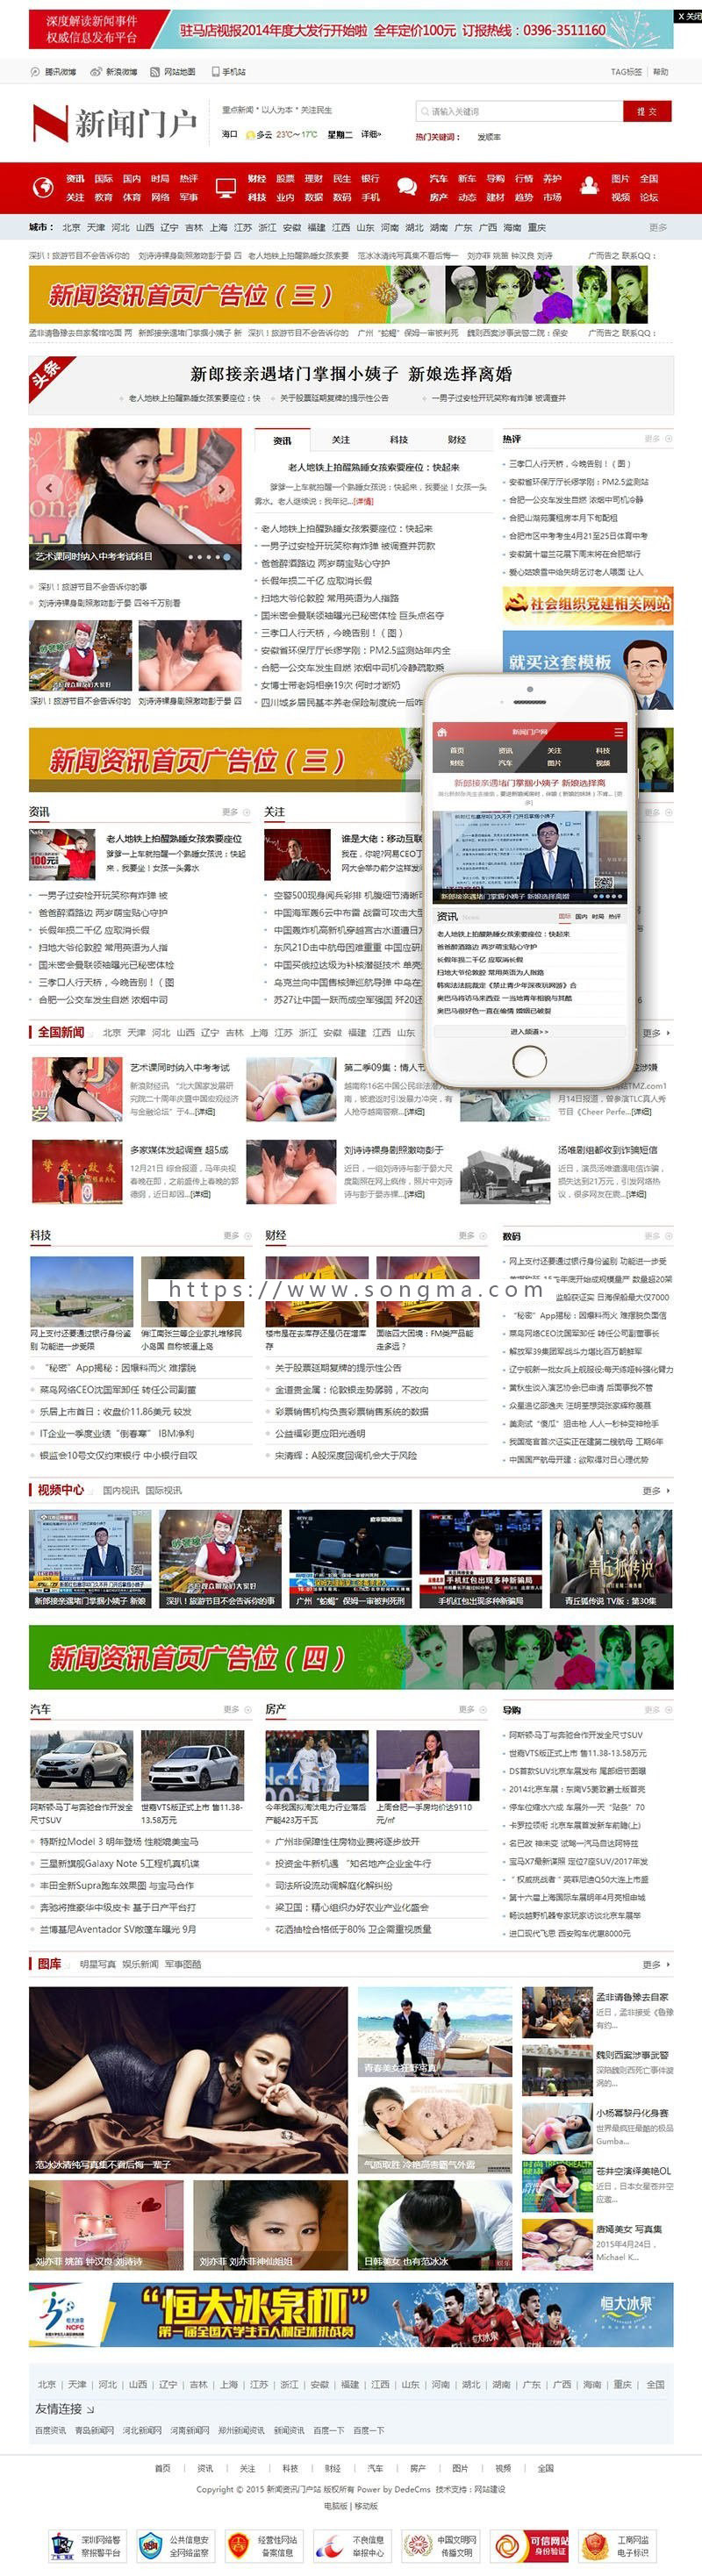 《新版》高端经营版大气通用织梦营销型服务设施类公司新闻在线博客地方门户资讯类模板